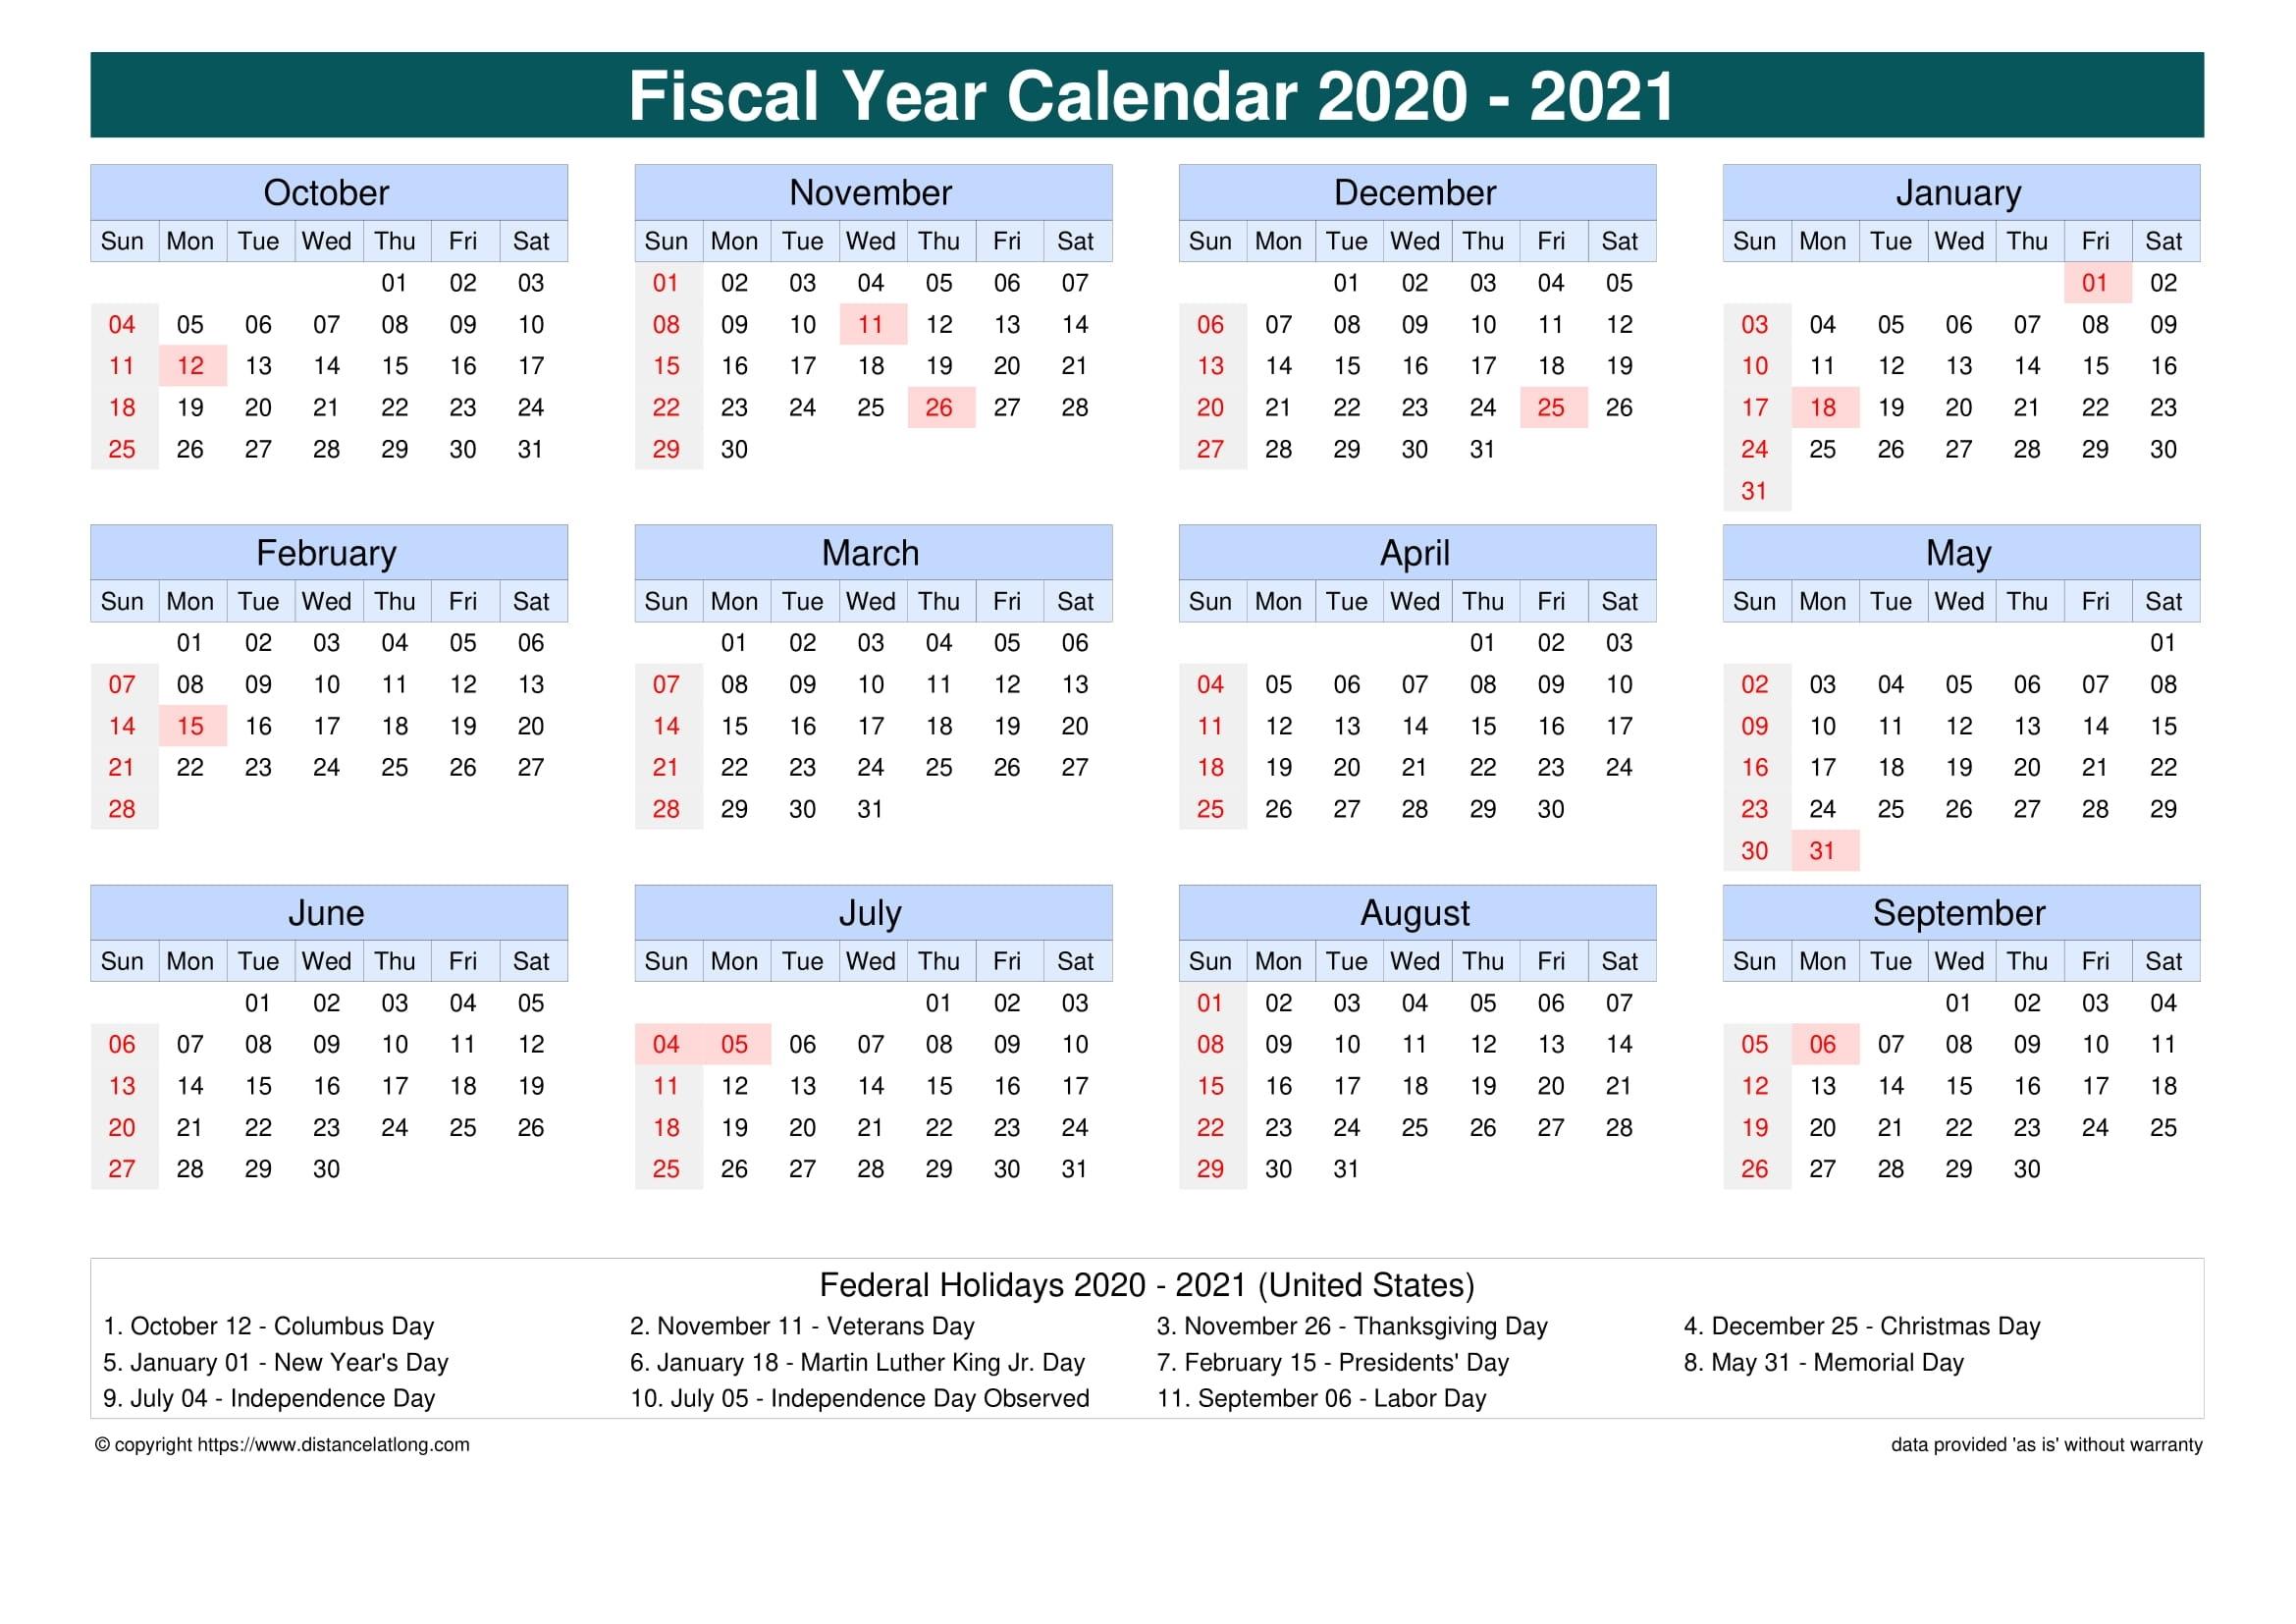 Take Financial Year Week